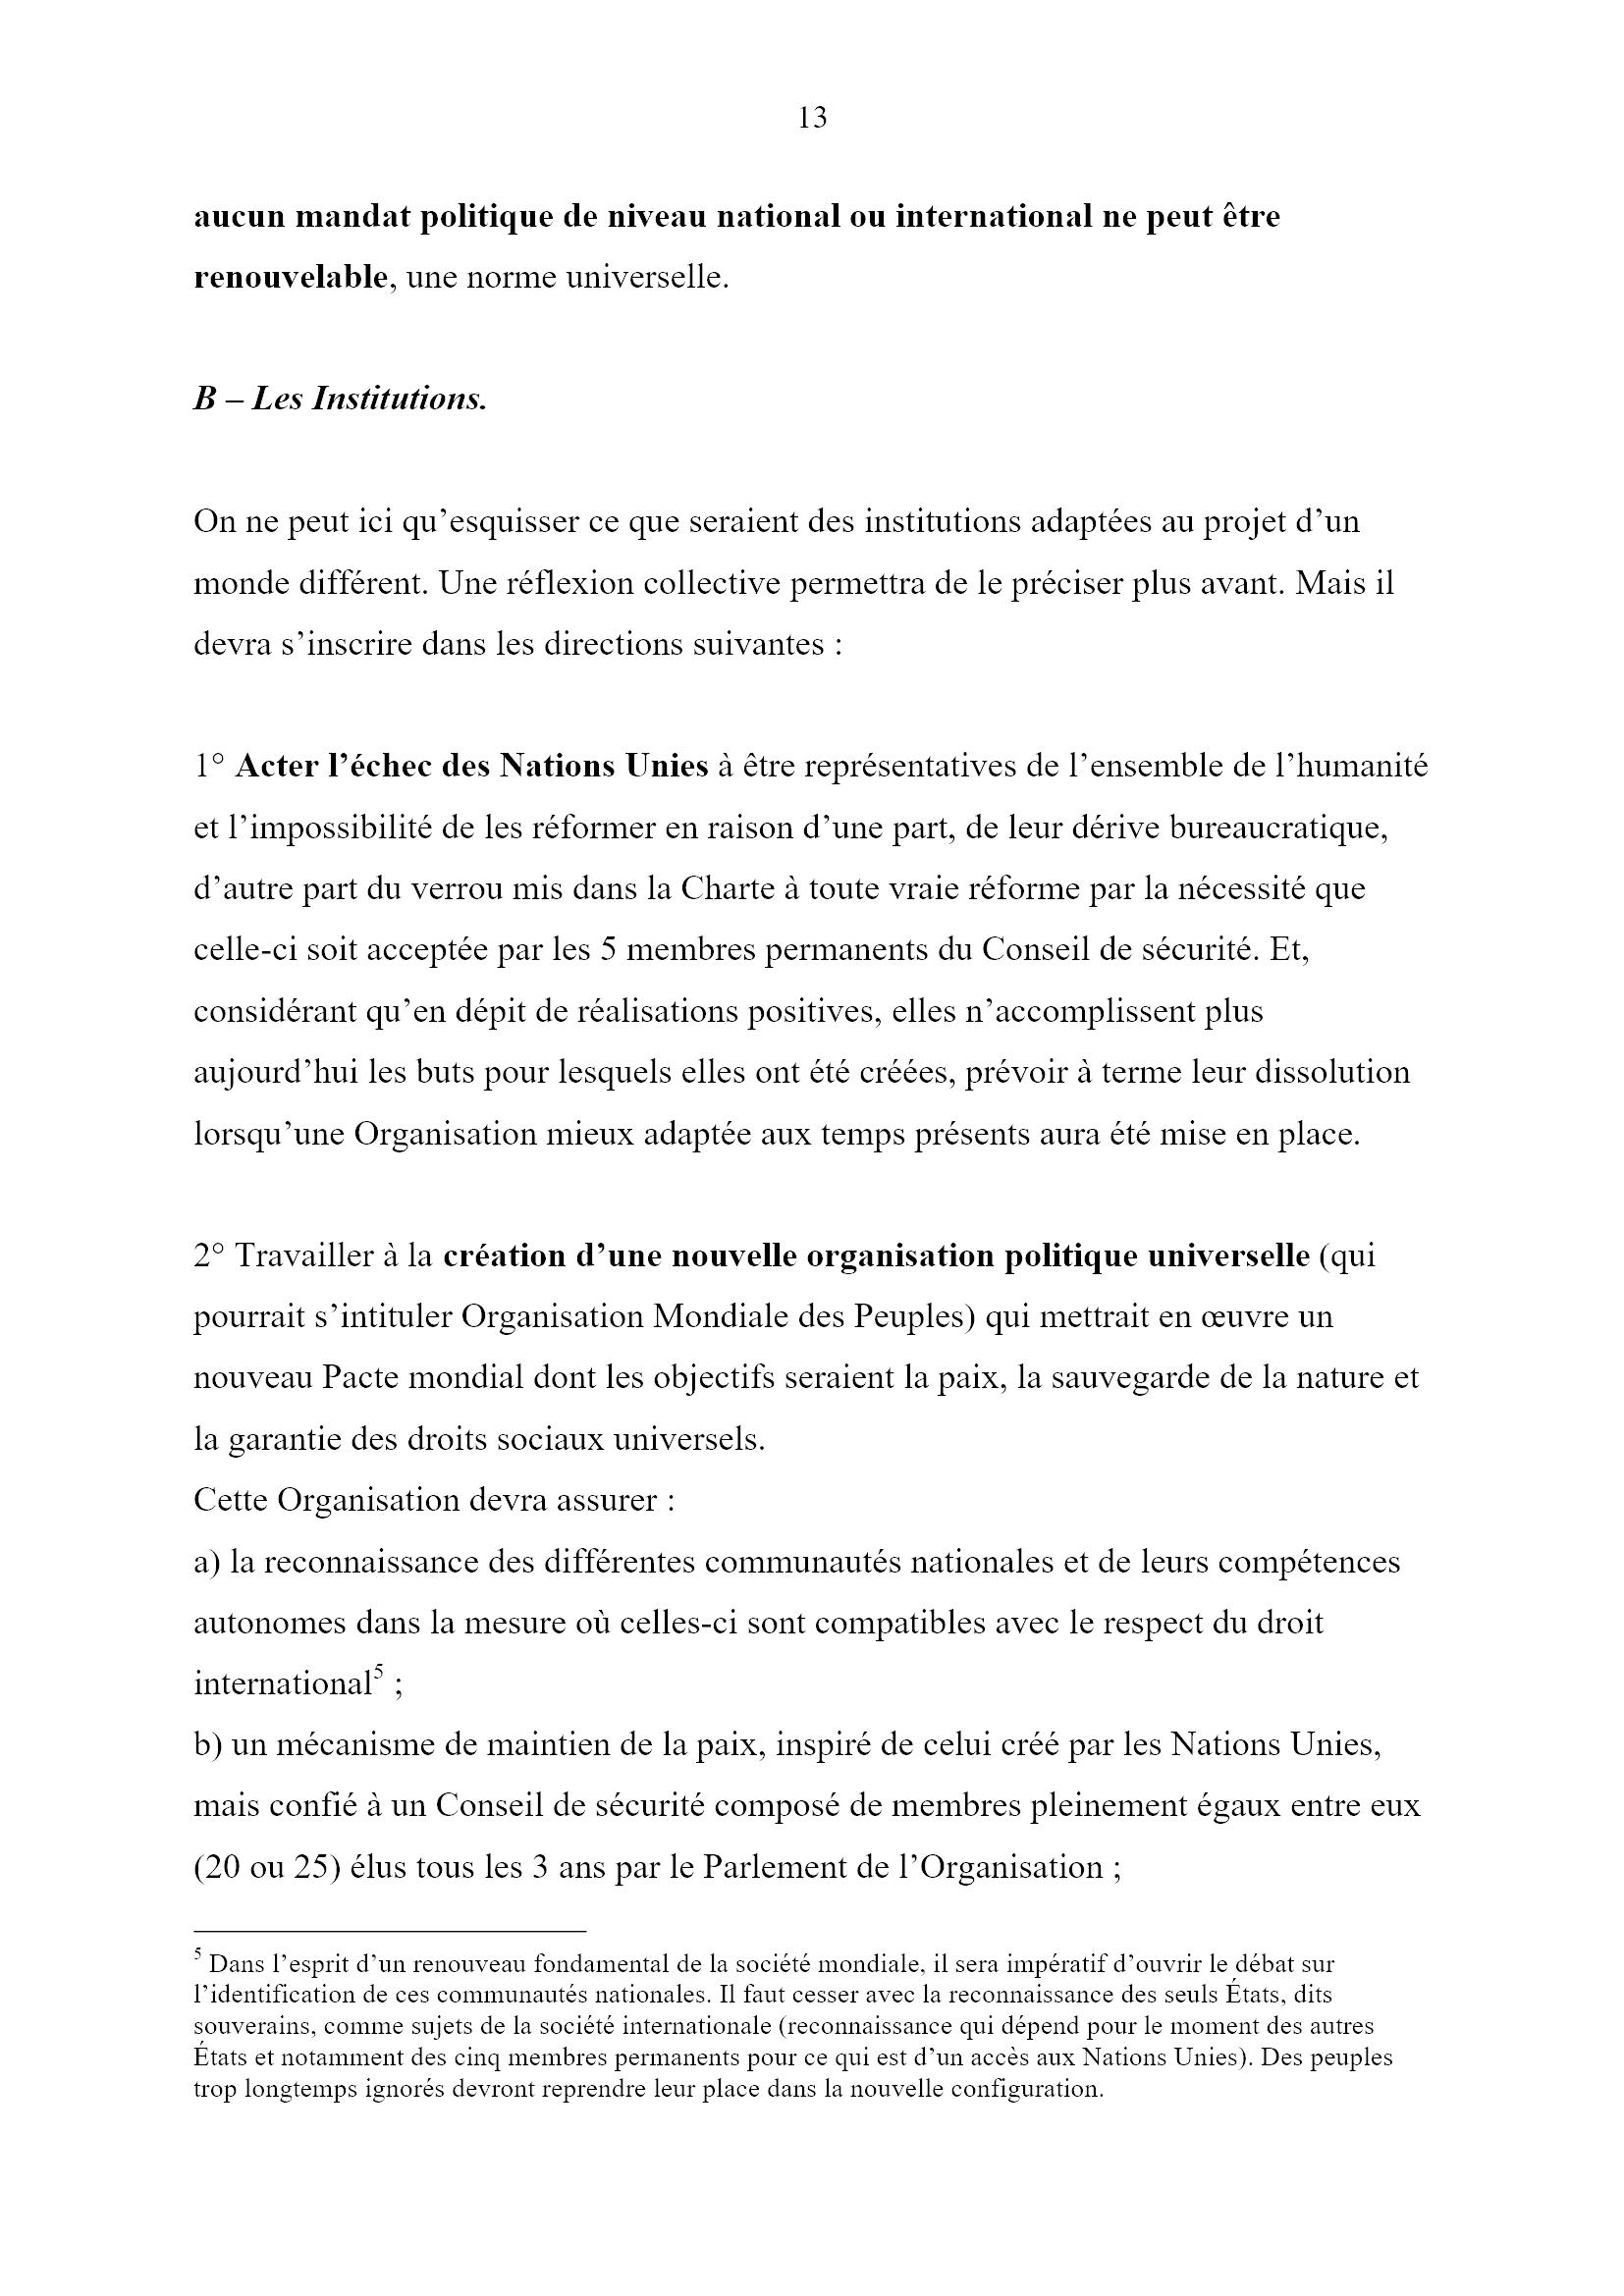 Des jours heureux... Monique Chemillier-Gendreau 13x16